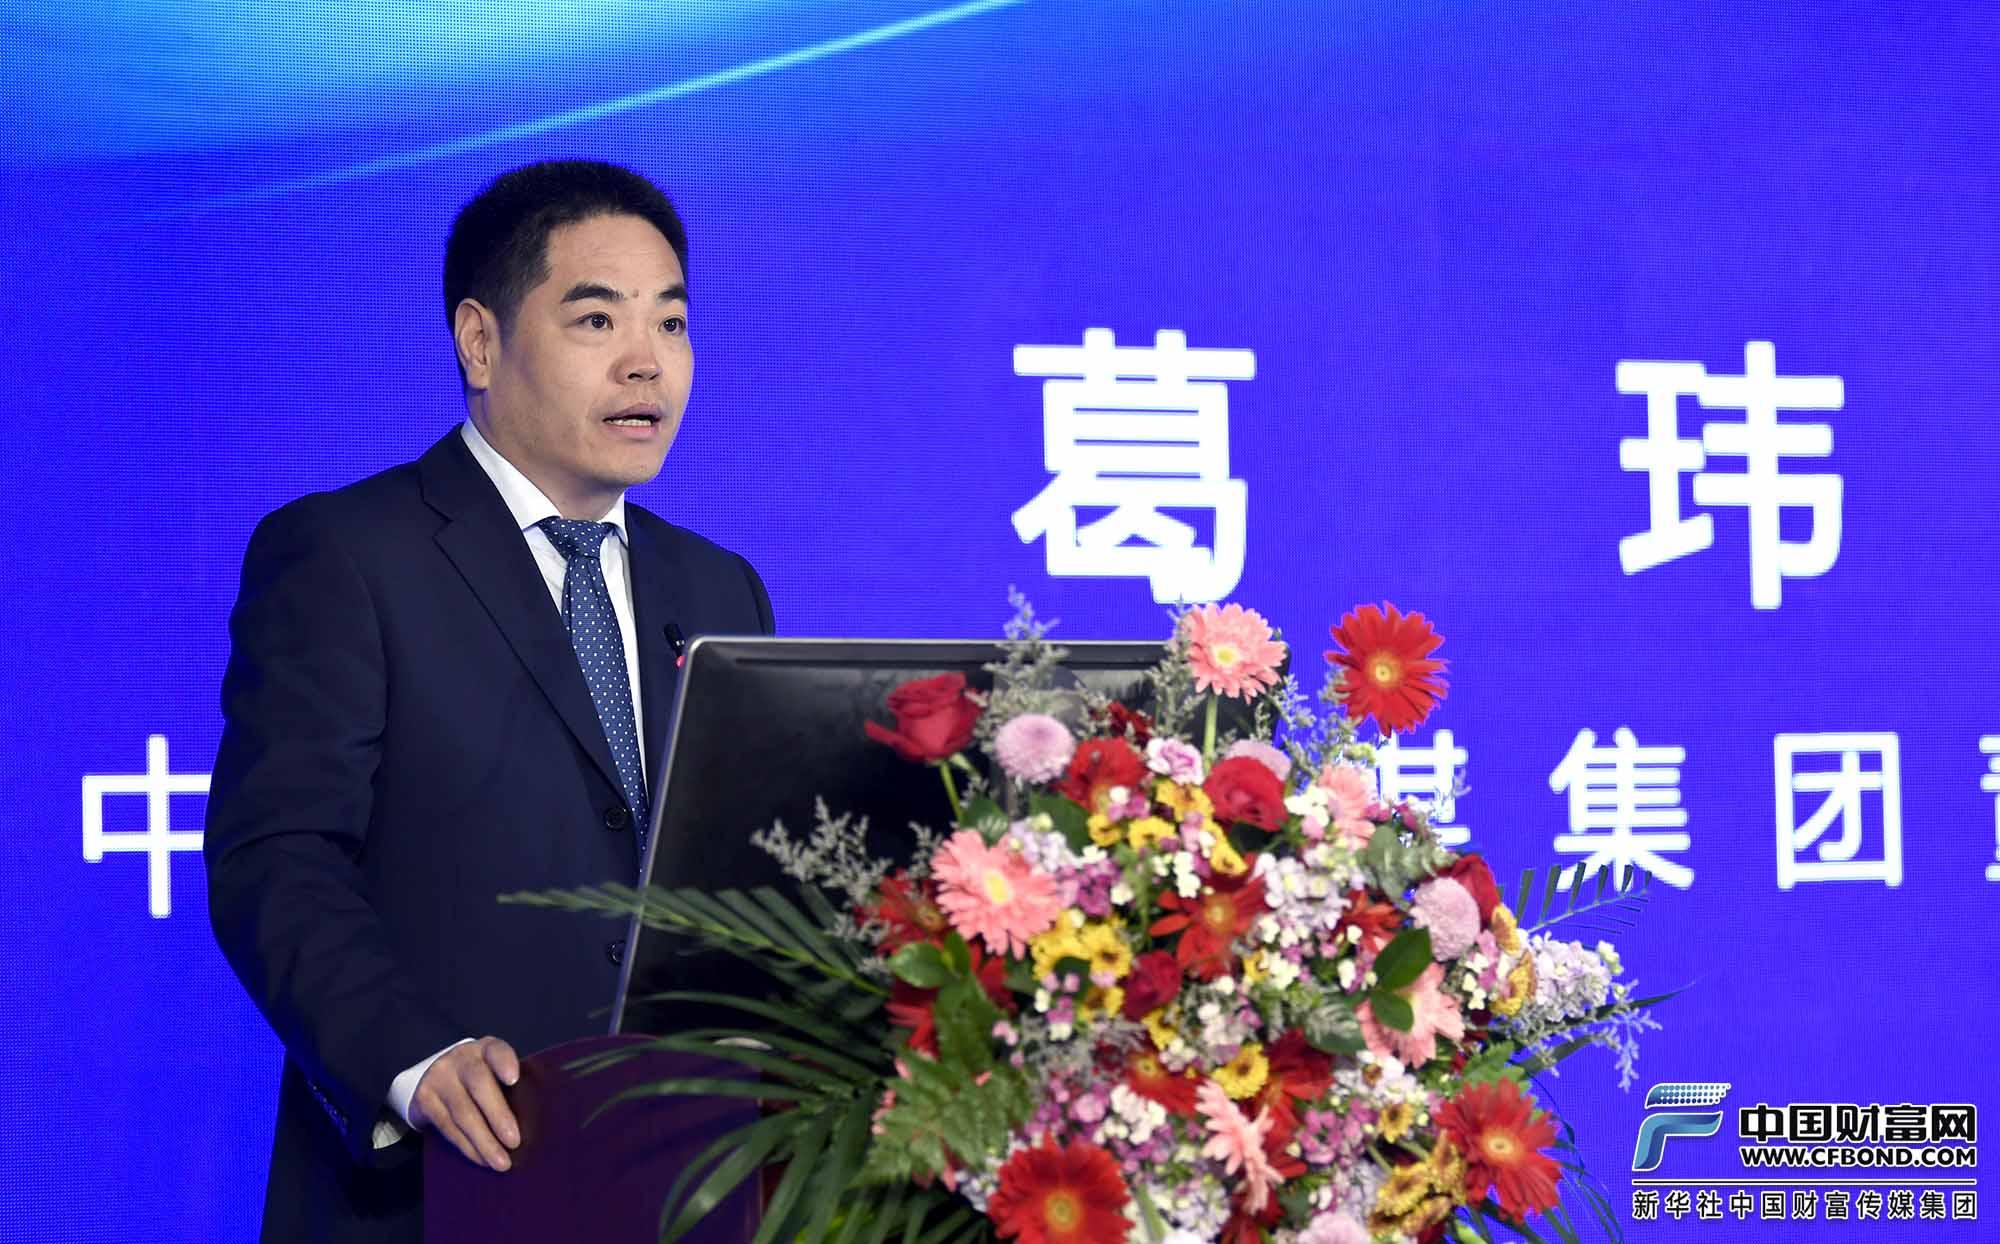 中国财富传媒集团董事长葛玮致辞